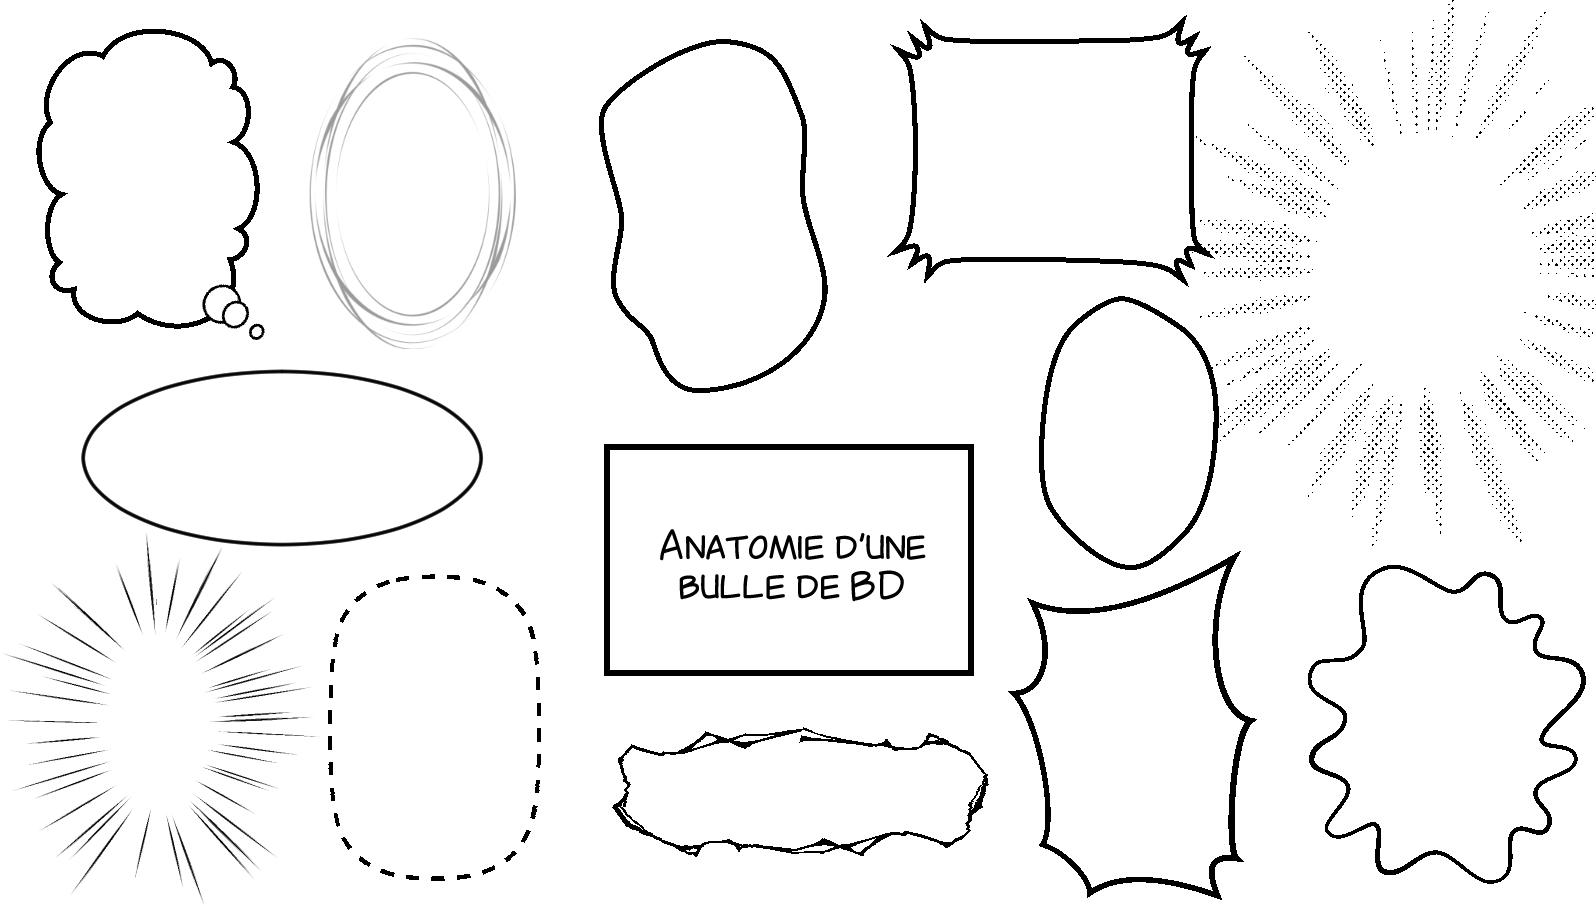 Anatomie d'une bulle de BD